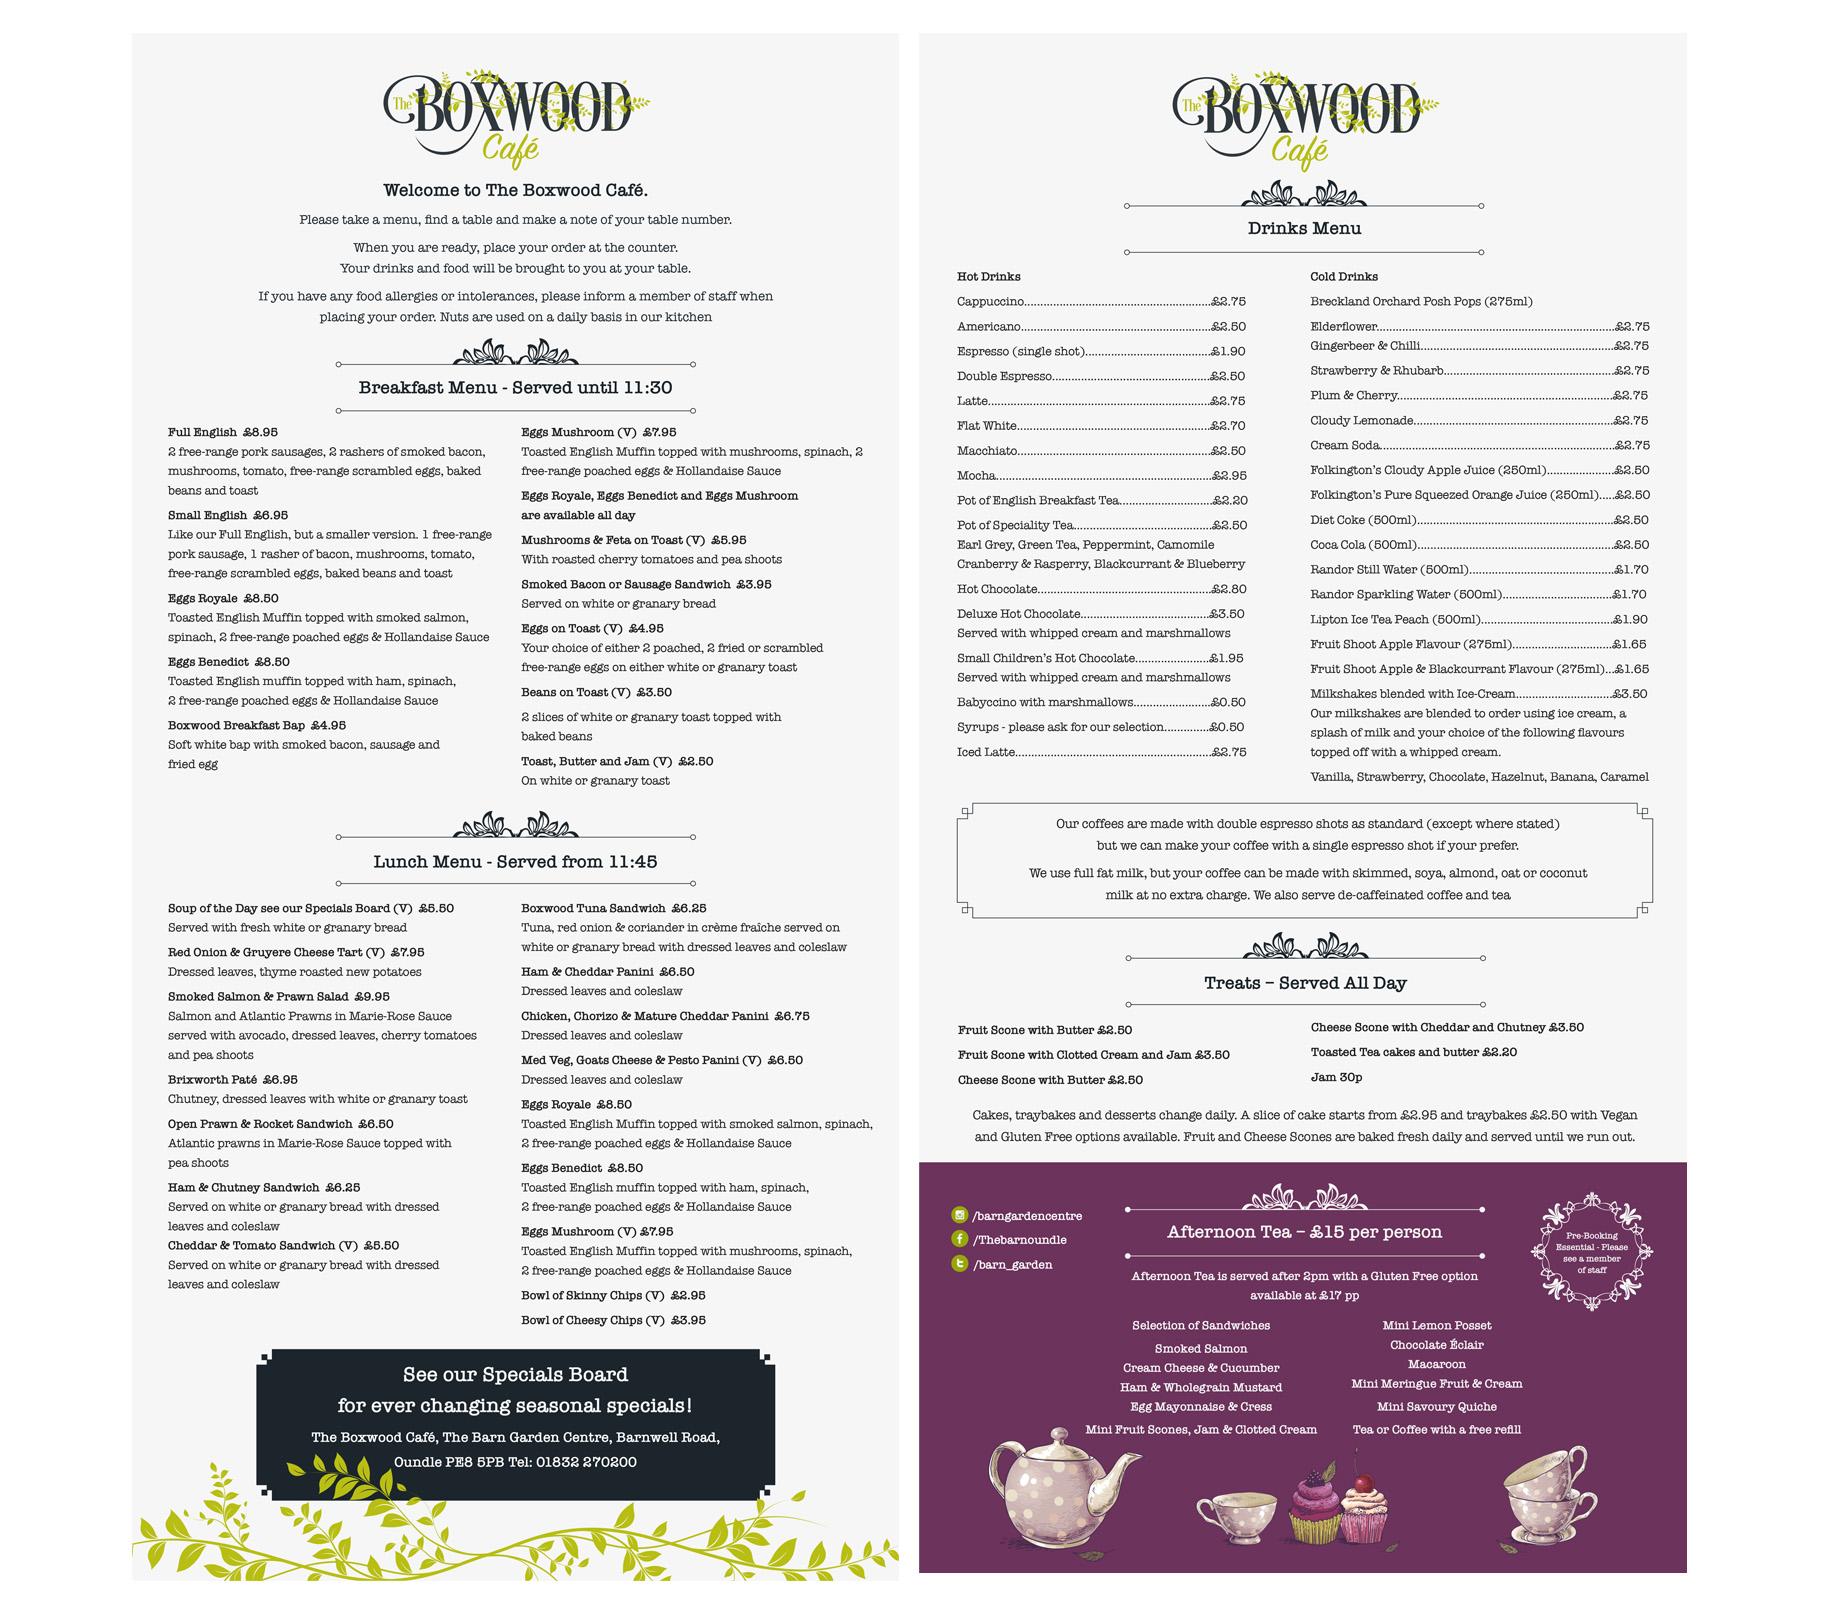 The Boxwood Cafe